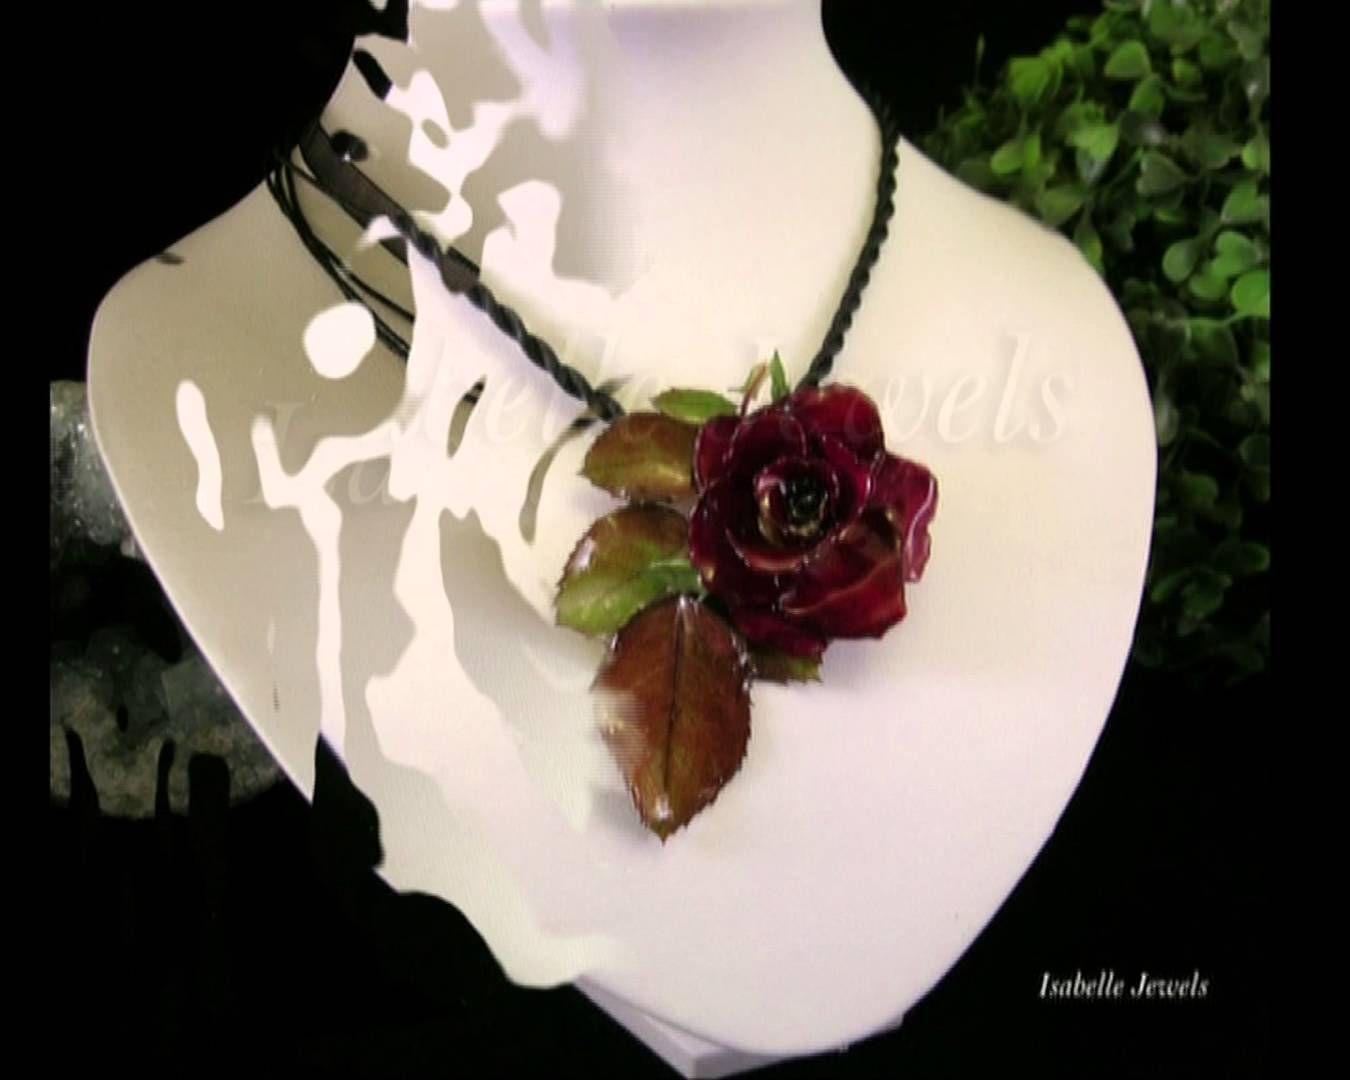 Gioielli con fiori veri  naturali, vetrificati. Real natural flowers jewelry jewellery #necklaces #flower #fiori #gioielli #jewelry #jewellery #jewels #fiori #nature #natura #resin #arts #arte #artistic #art #designer #artist #fashion #look #artwork #design #sterling #silver #gold #precius #stones #gems #agate #quartz #pearls #zircon